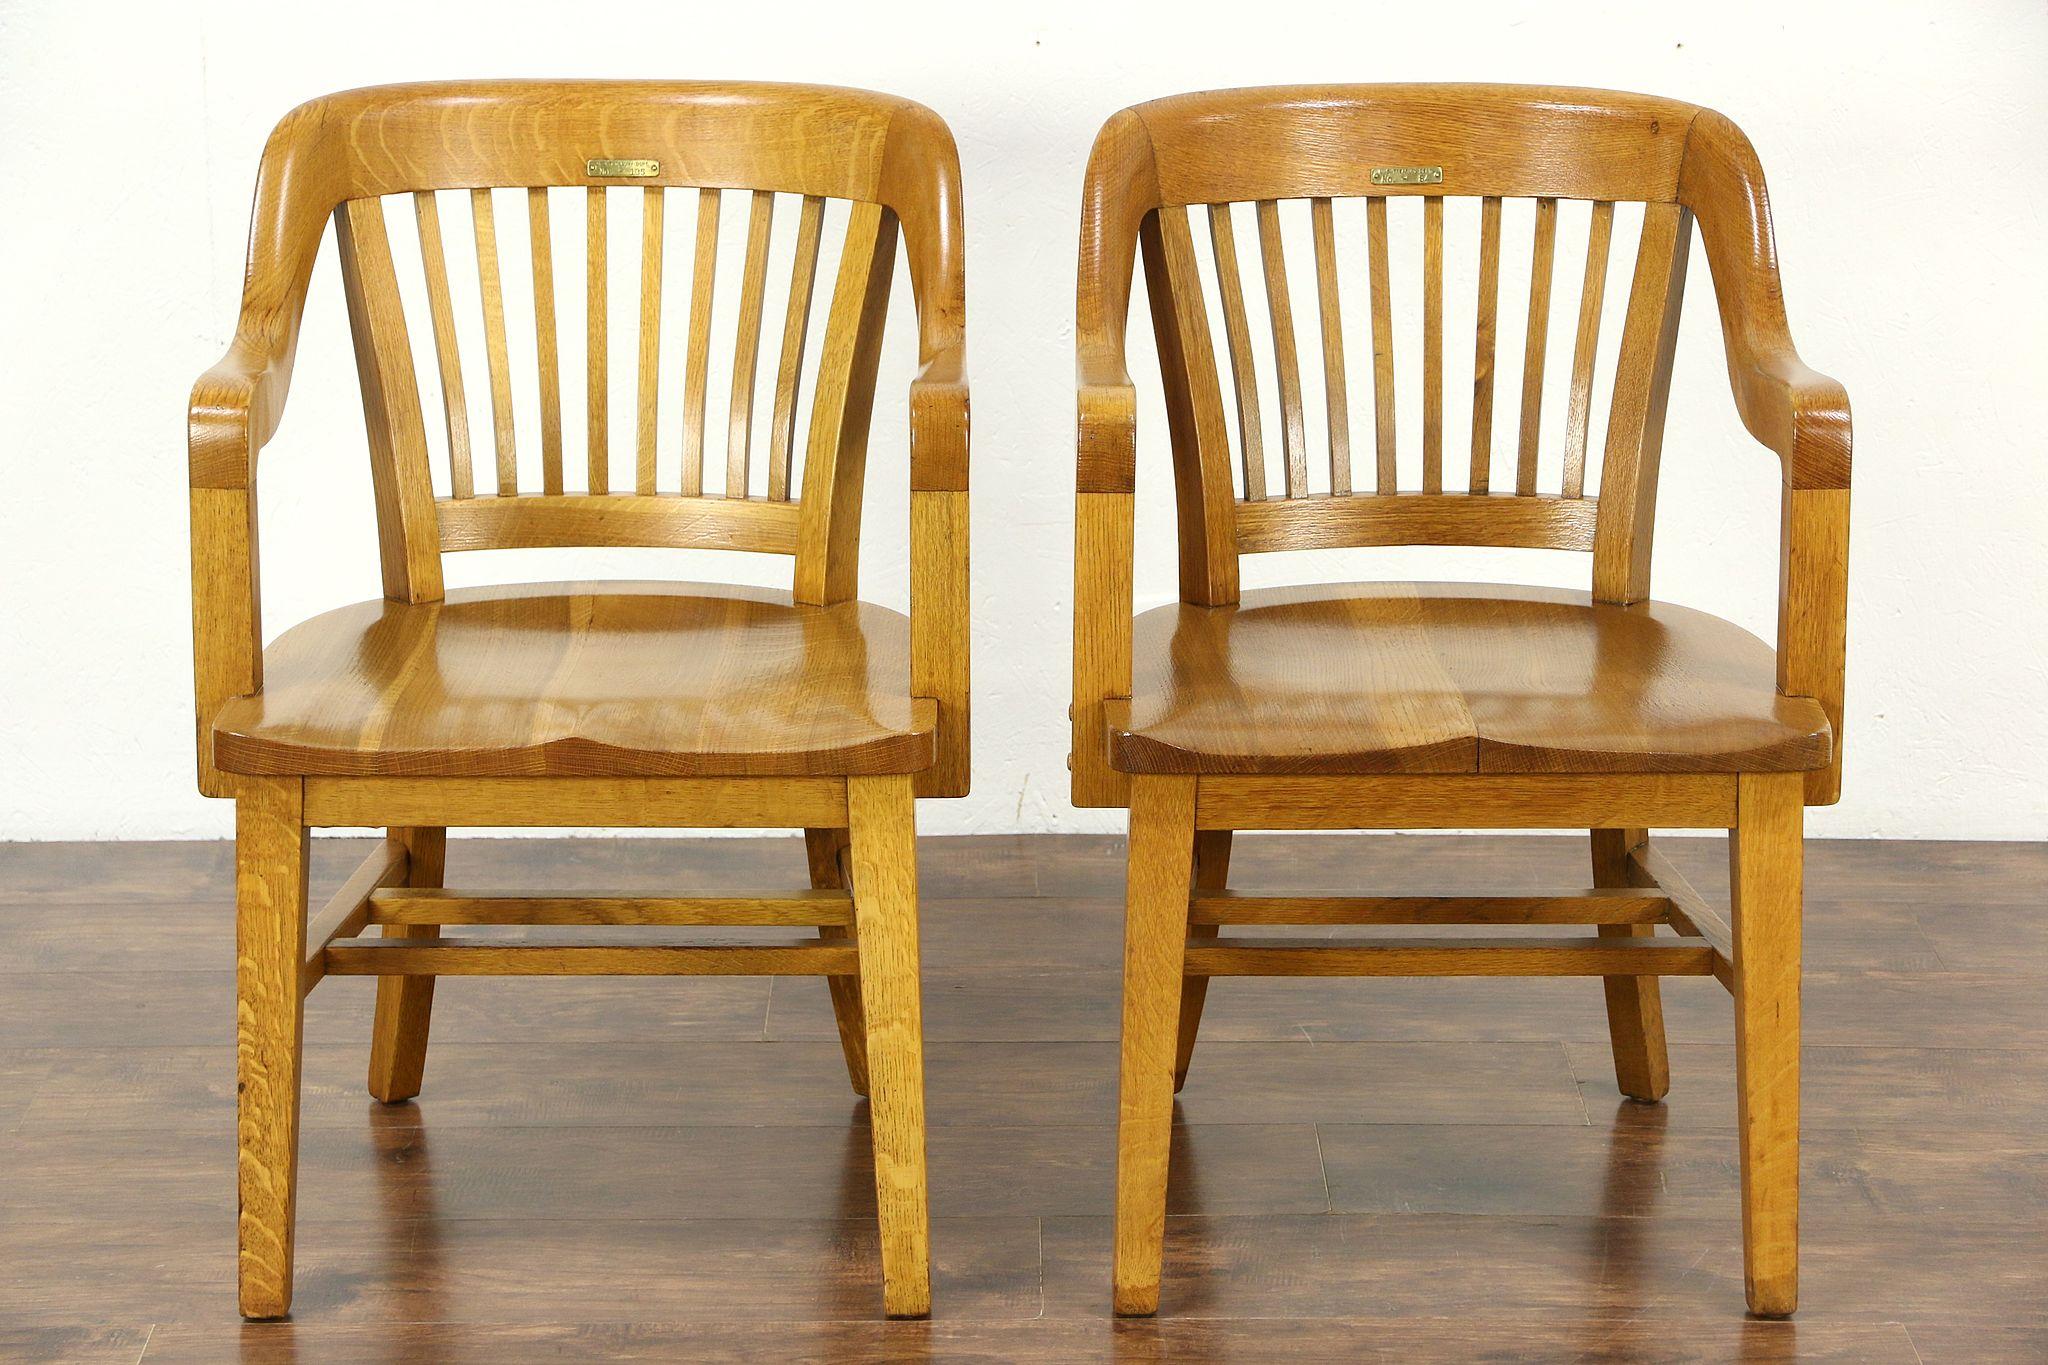 Pair Quarter Sawn Oak 1915 Antique Desk  Office or Library Chairs. Pair Quarter Sawn Oak 1915 Antique Desk  Office or Library Chairs